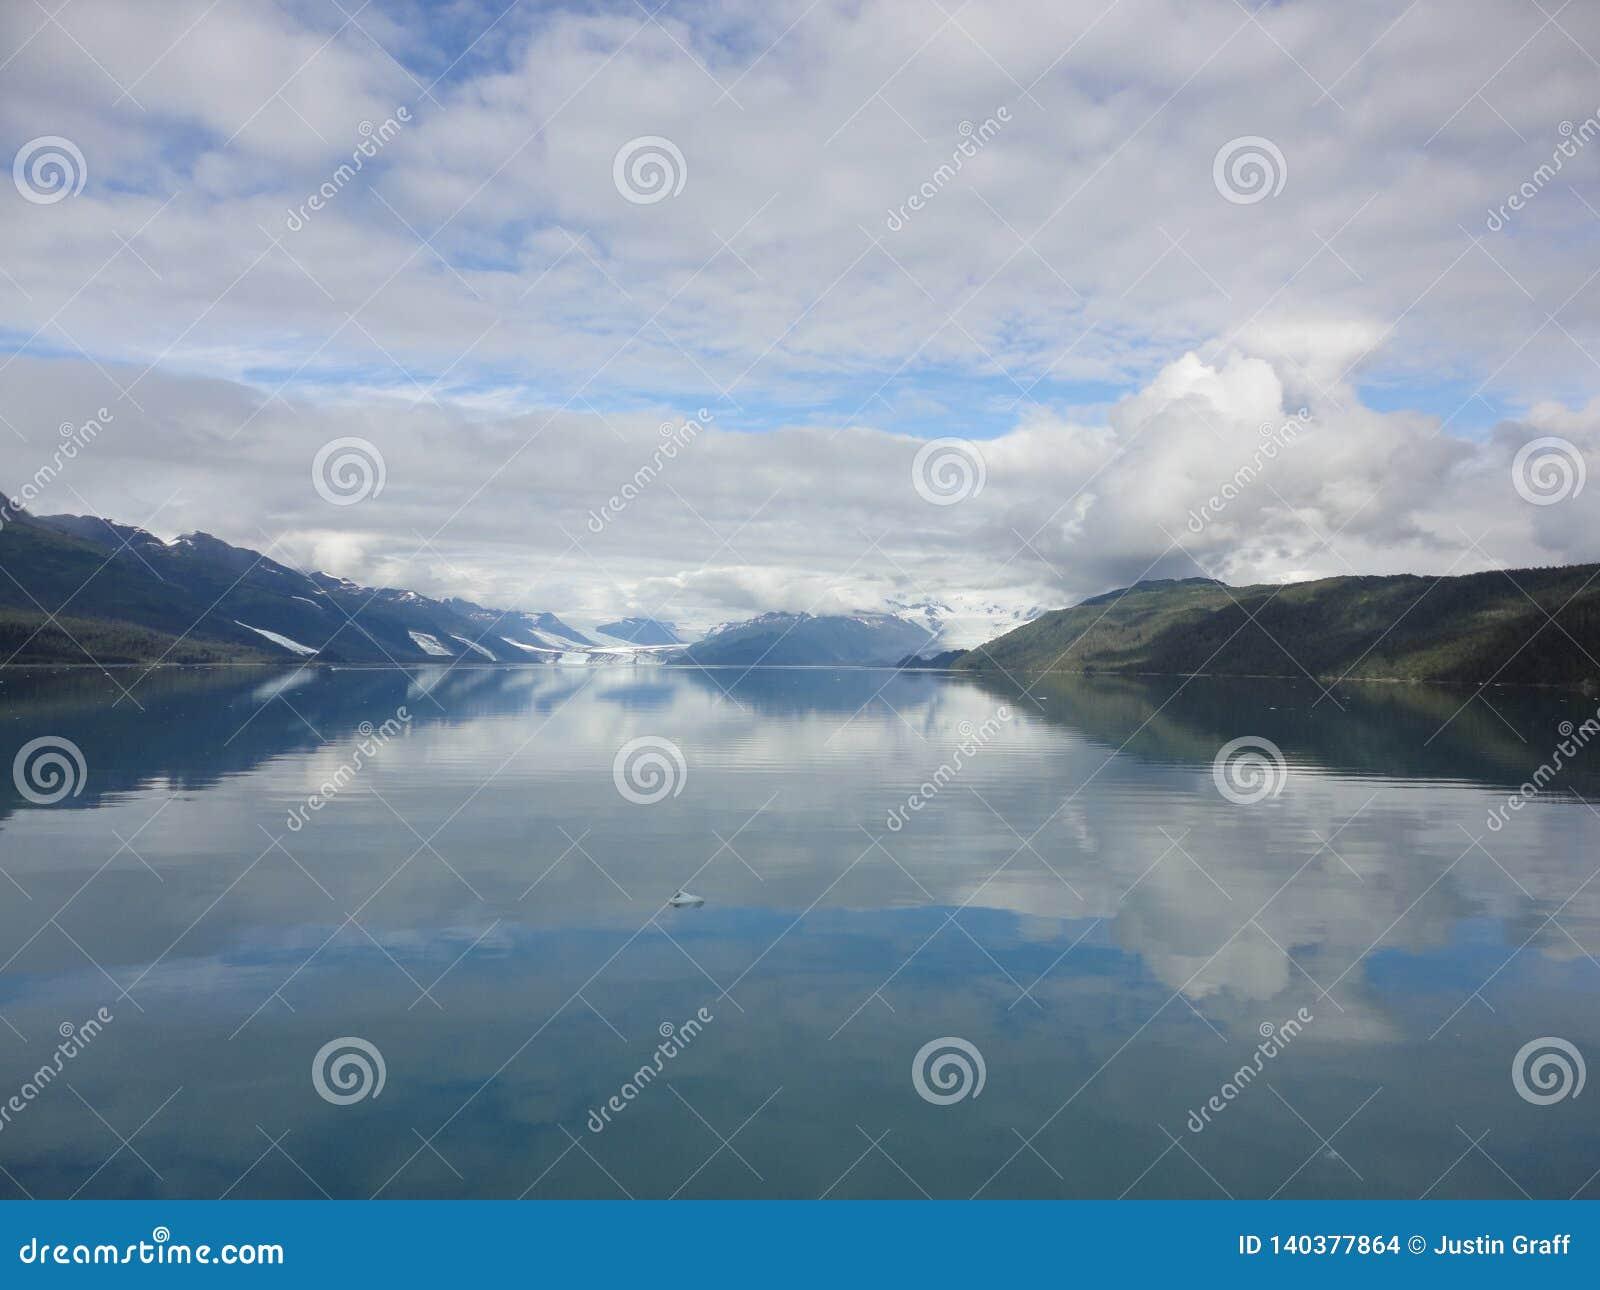 Harvard-Gletscher-College-Fjord Alaska Großer Gletscher, der in den Pazifischen Ozean in Alaska schiebt